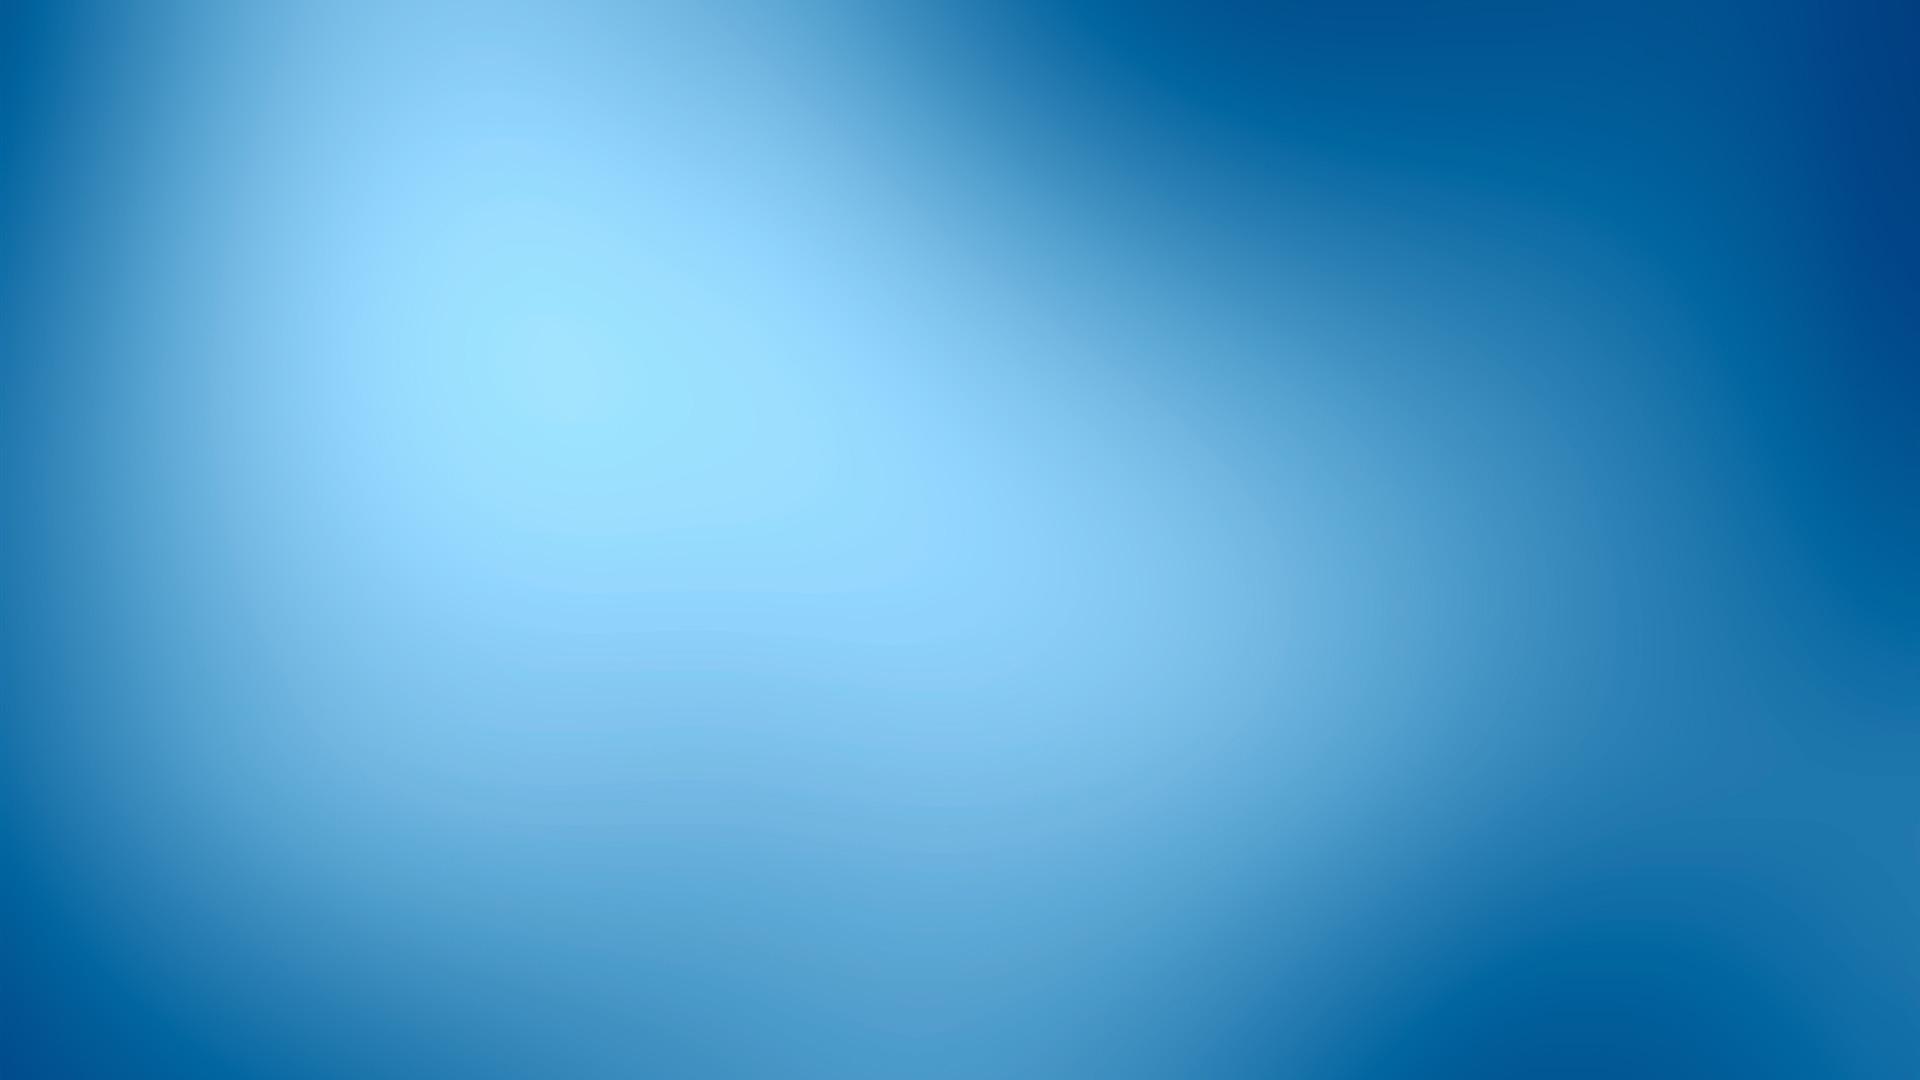 シンプルな青 抽象的な壁紙プレビュー 10wallpaper Com